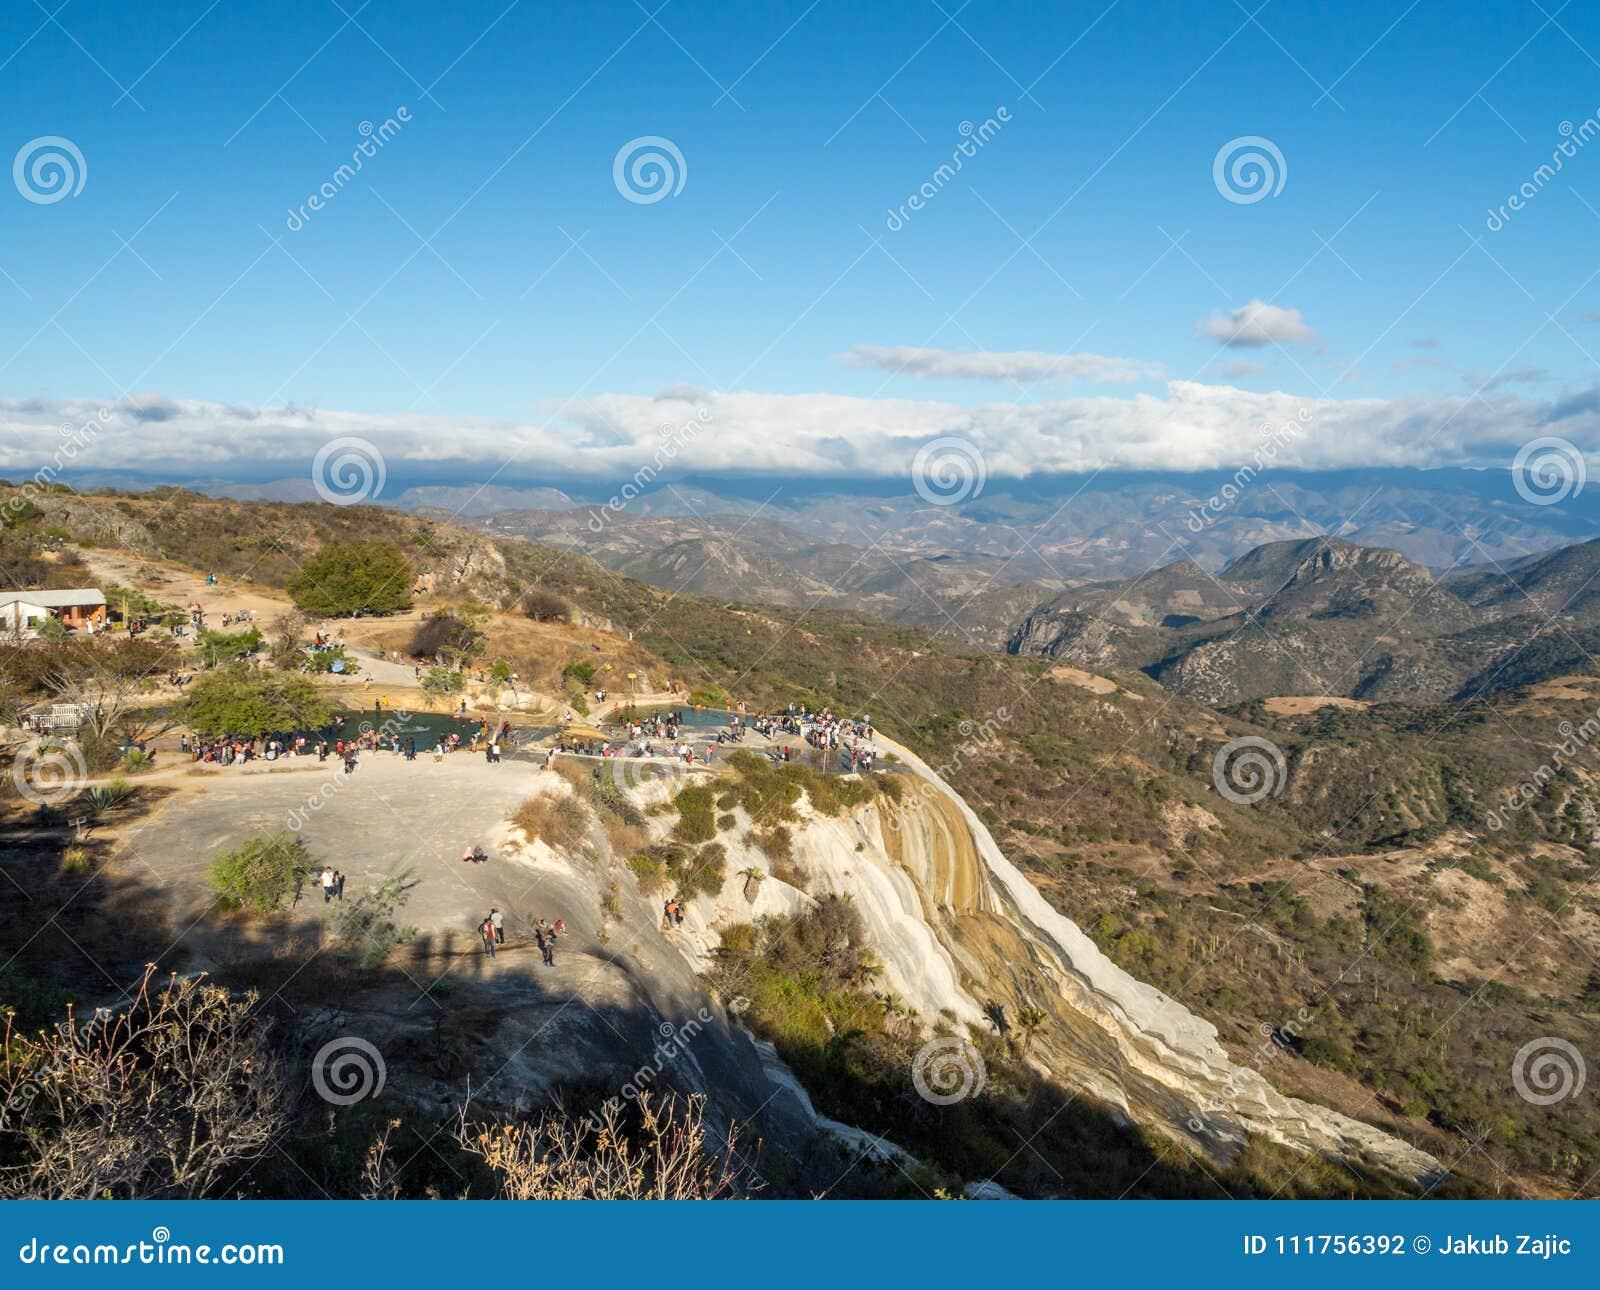 Hierve el agua, naturalna cud formacja w Oaxaca regionie w Meksyk, gorącej wiosny siklawa w górach podczas zmierzchu